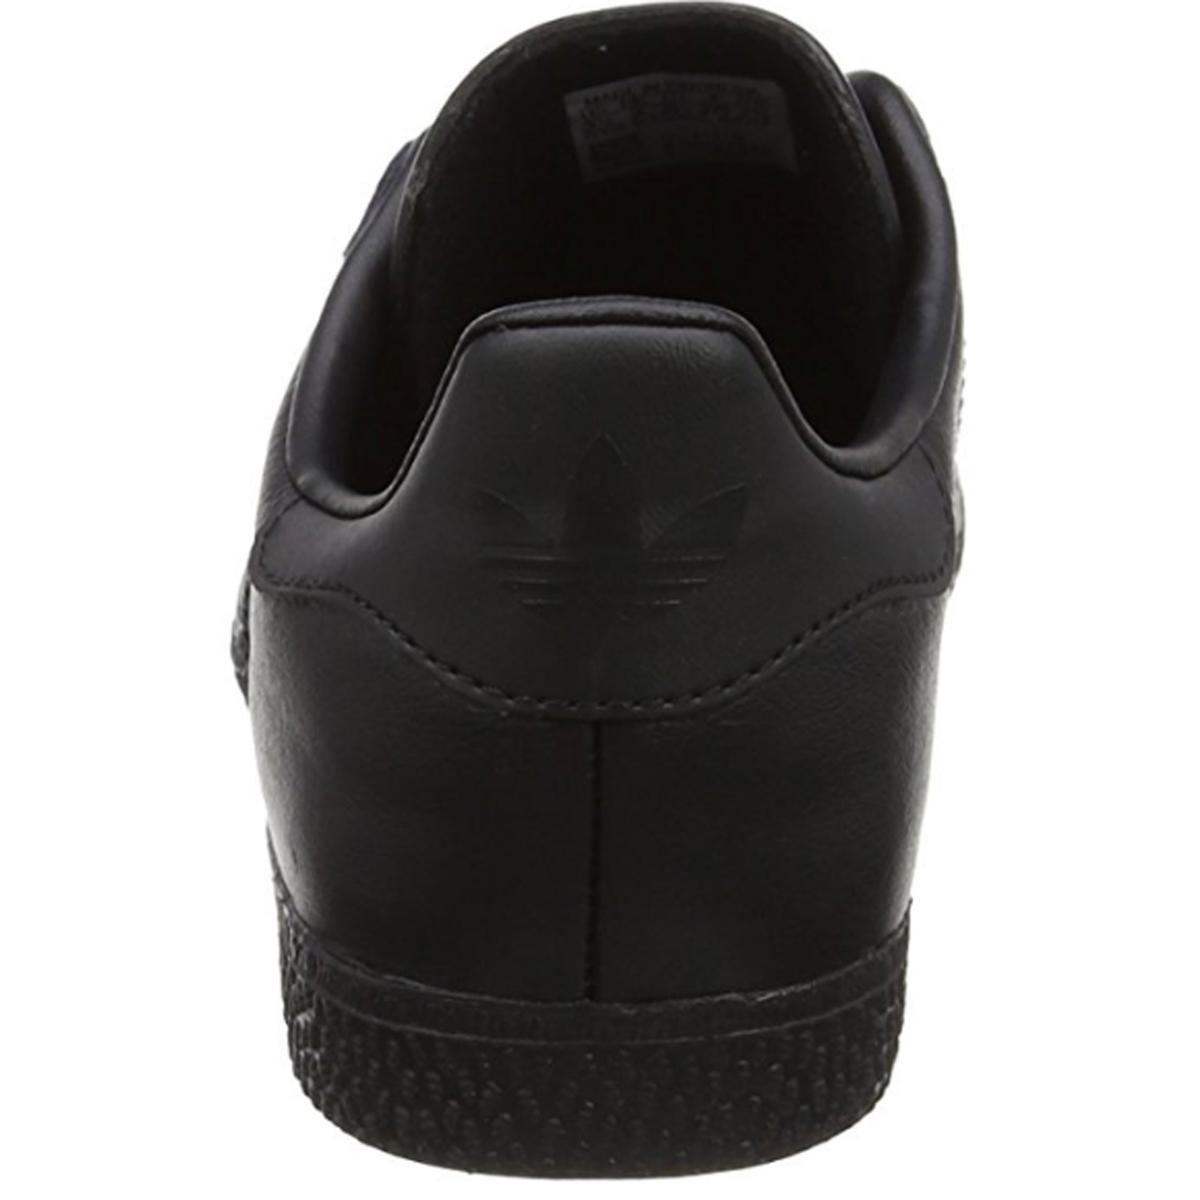 Scarpe da ginnastica Adidas Gazelle - Donna rif. BY9146